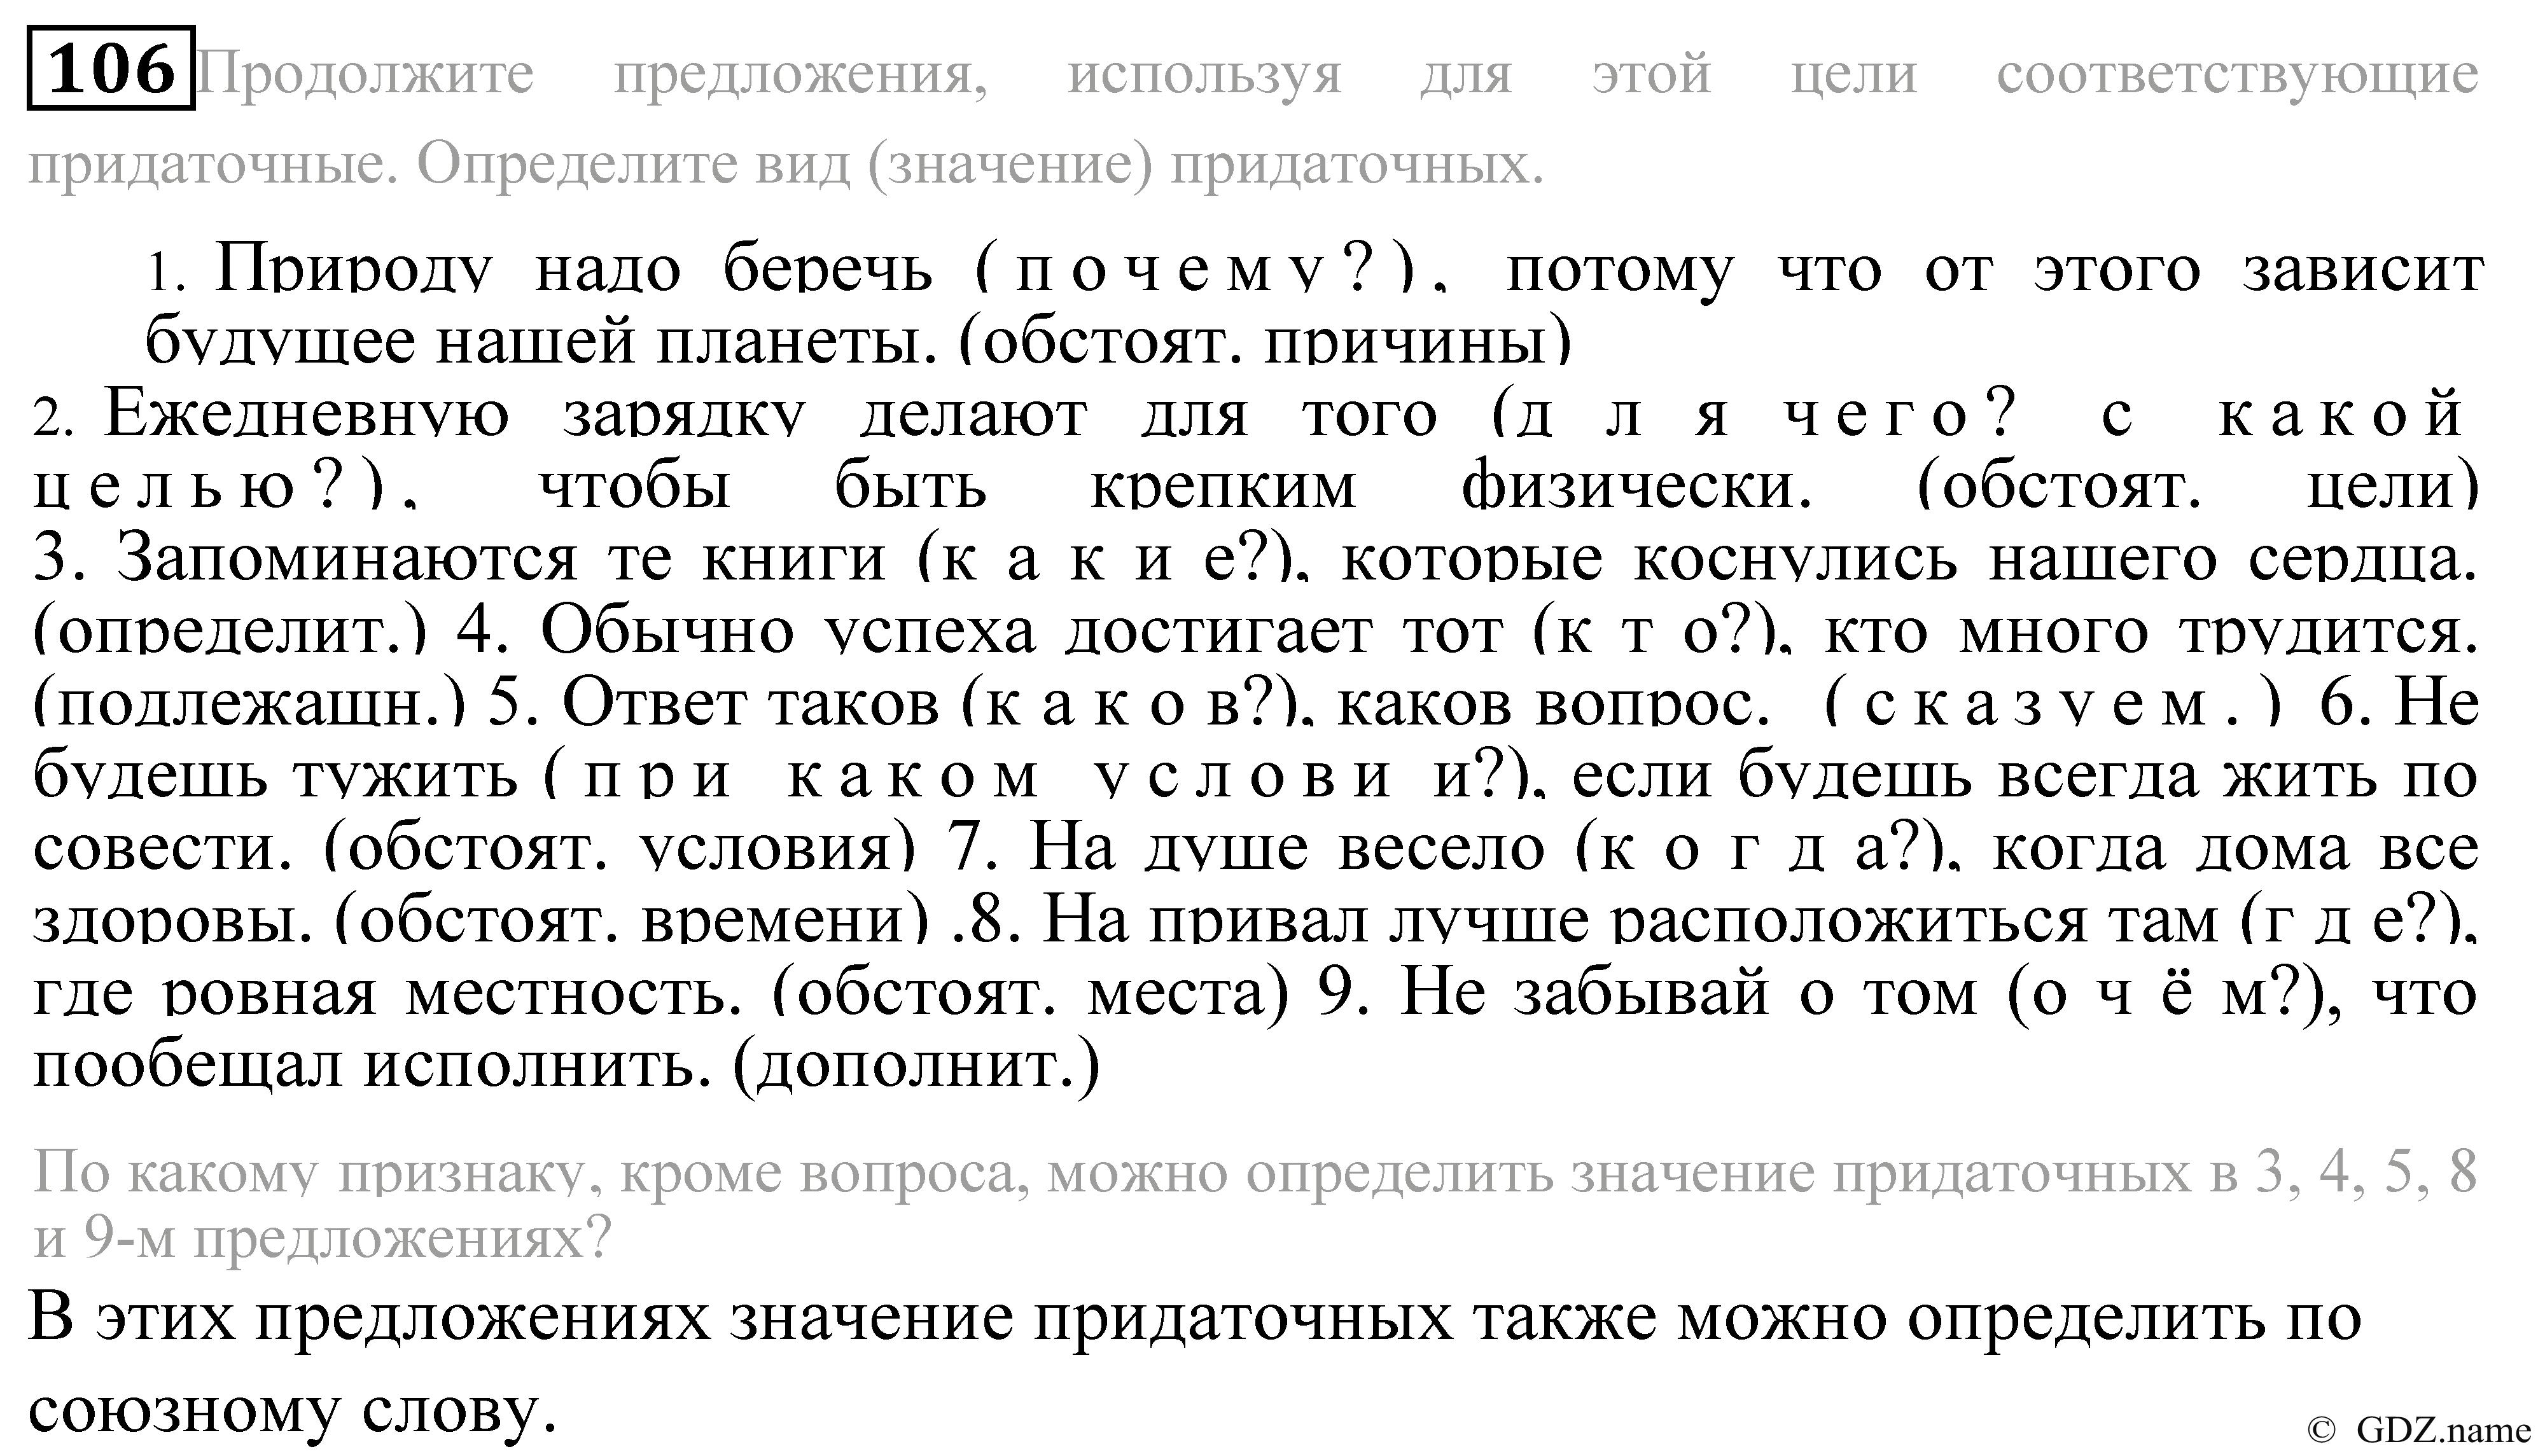 Скачать гдз по русскому пичугова